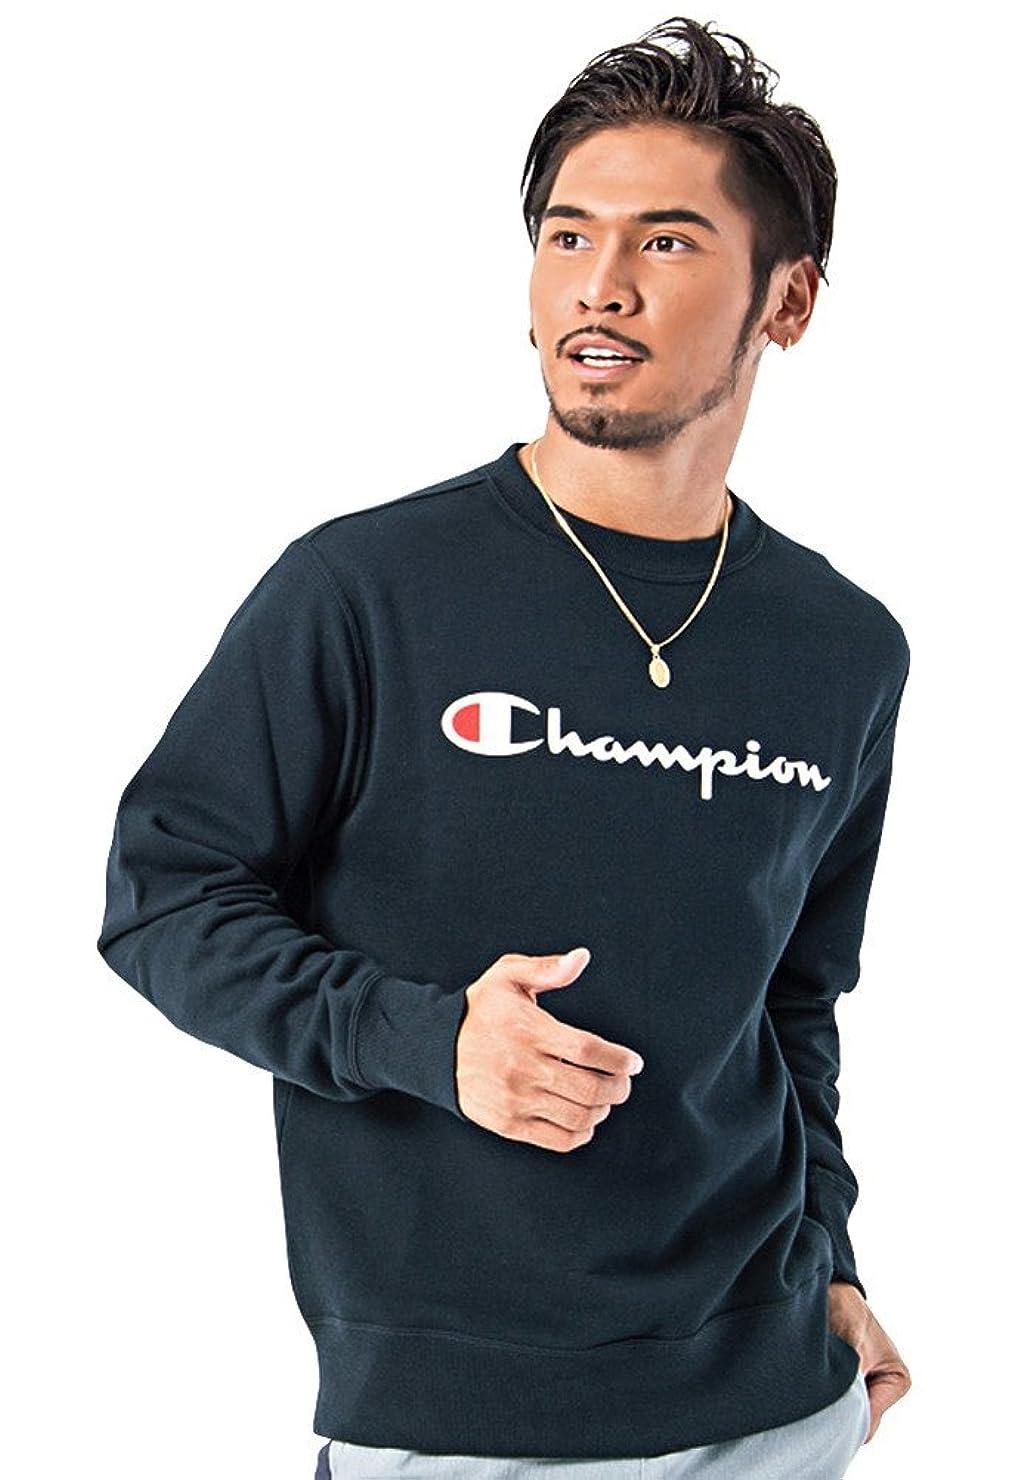 気分が良い原子炉お尻(チャンピオン)Champion メンズ フルロゴ クルーネック スウェット トレーナー (トップス インナー) L 370(NAVY/ネイビー)